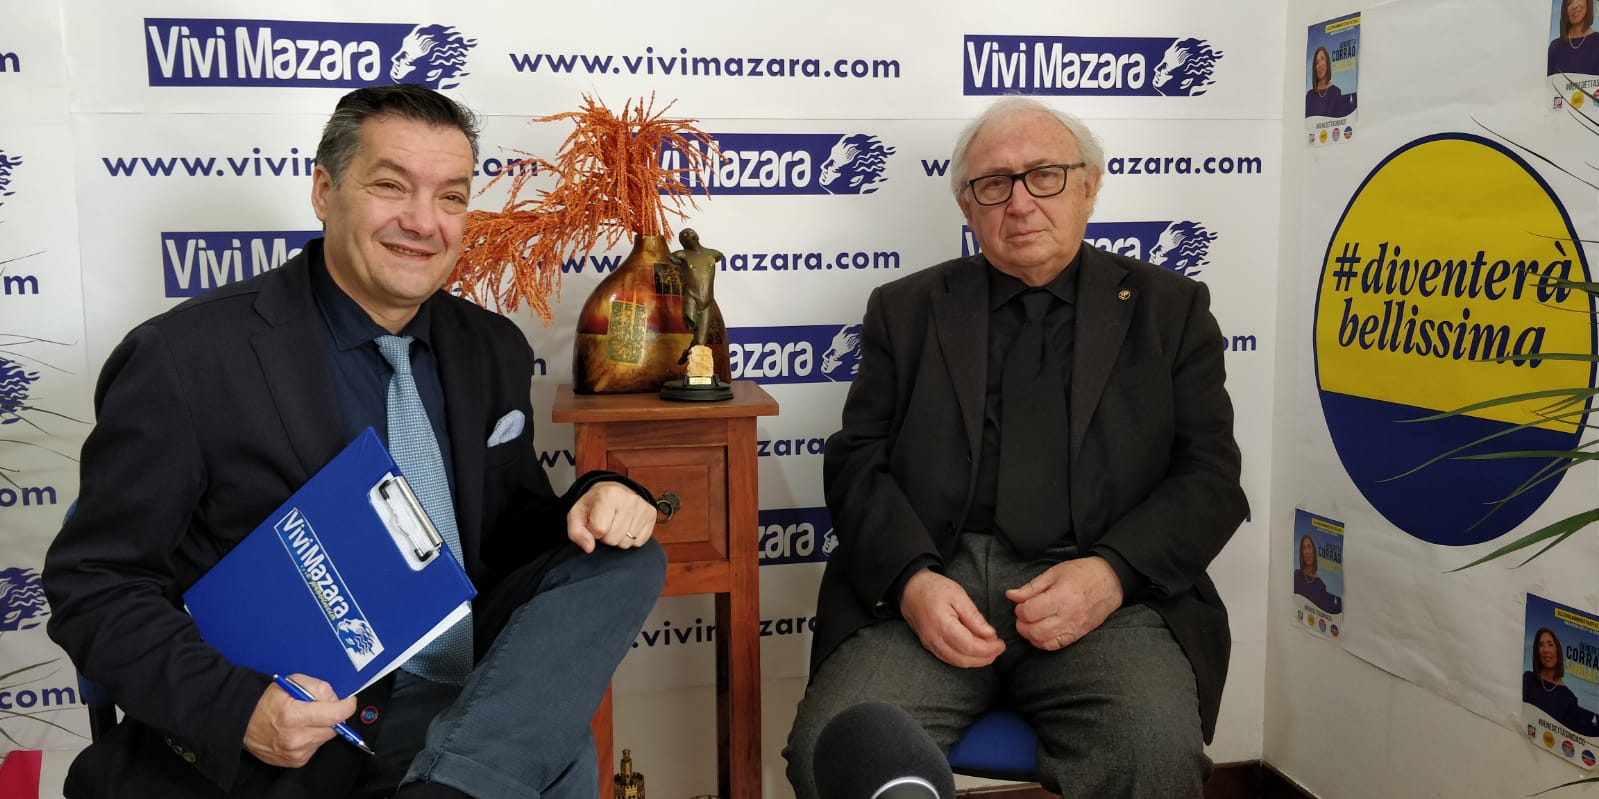 Mazara. INFORMAZIONE ELETTORALE: INTERVISTA CON AURELIO NORRITO DI DIVENTERA' BELLISSIMA